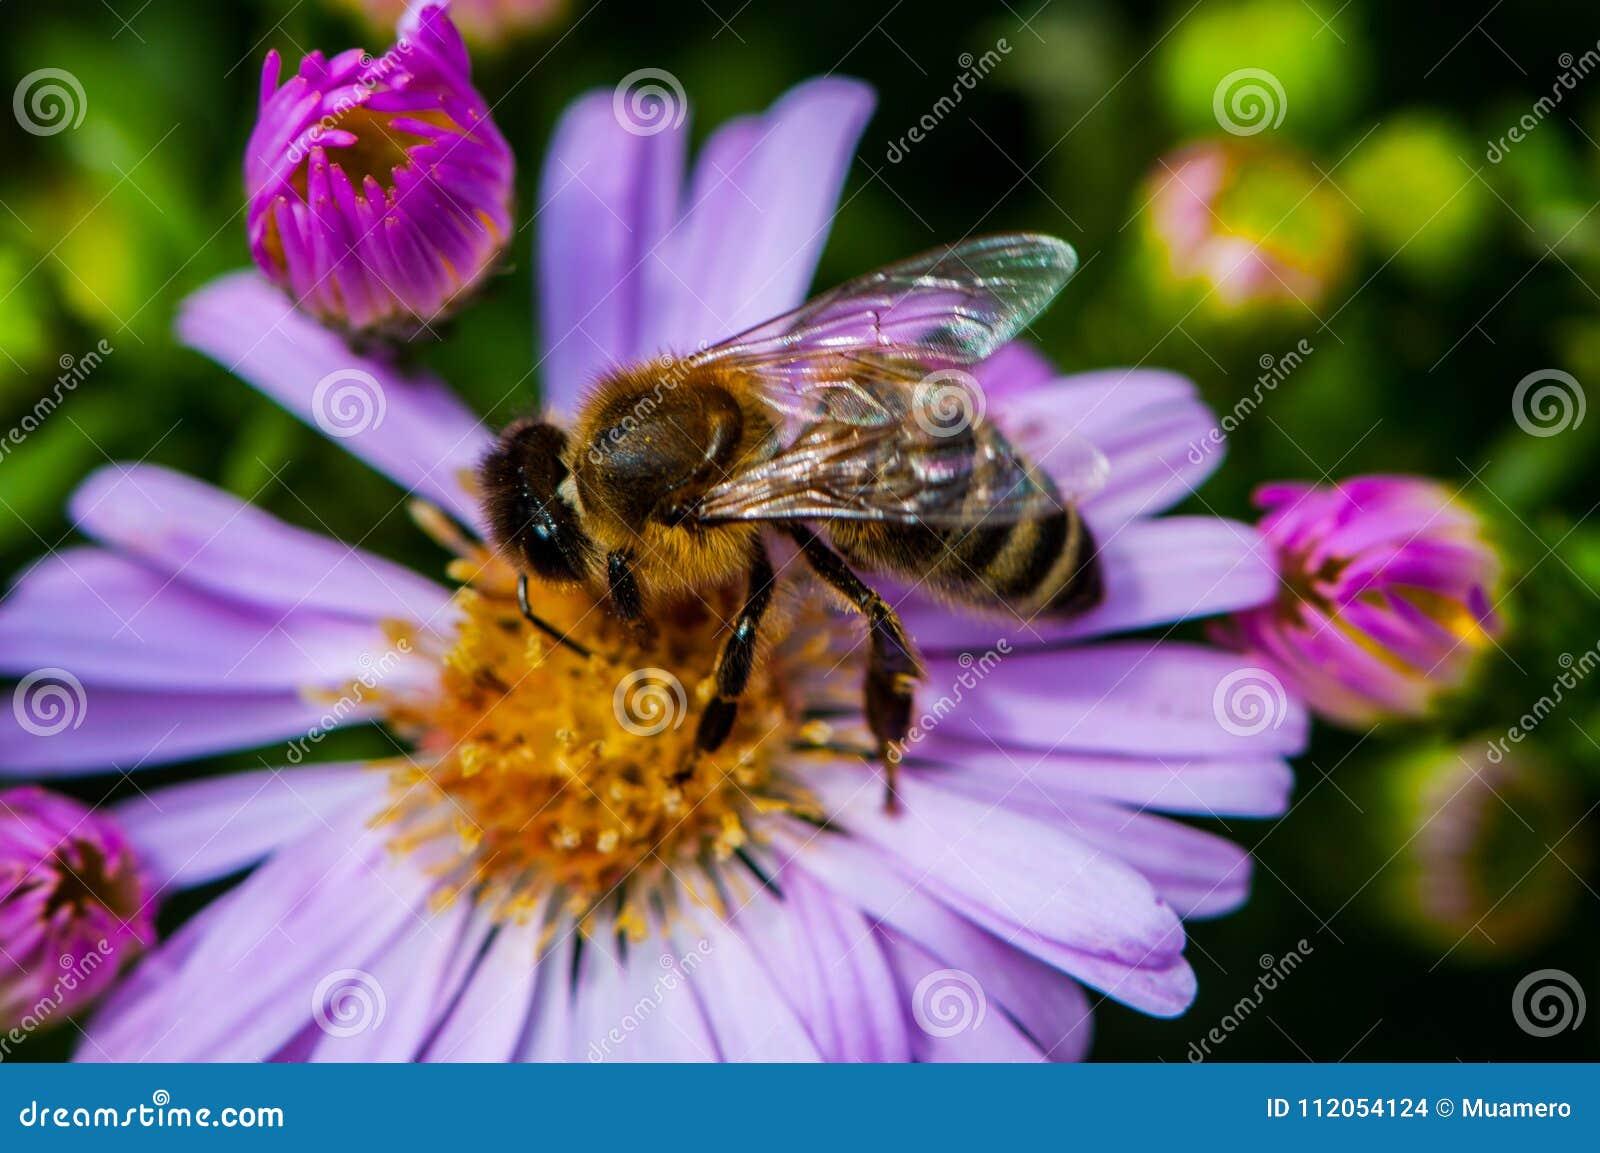 Bee on the purple diasy